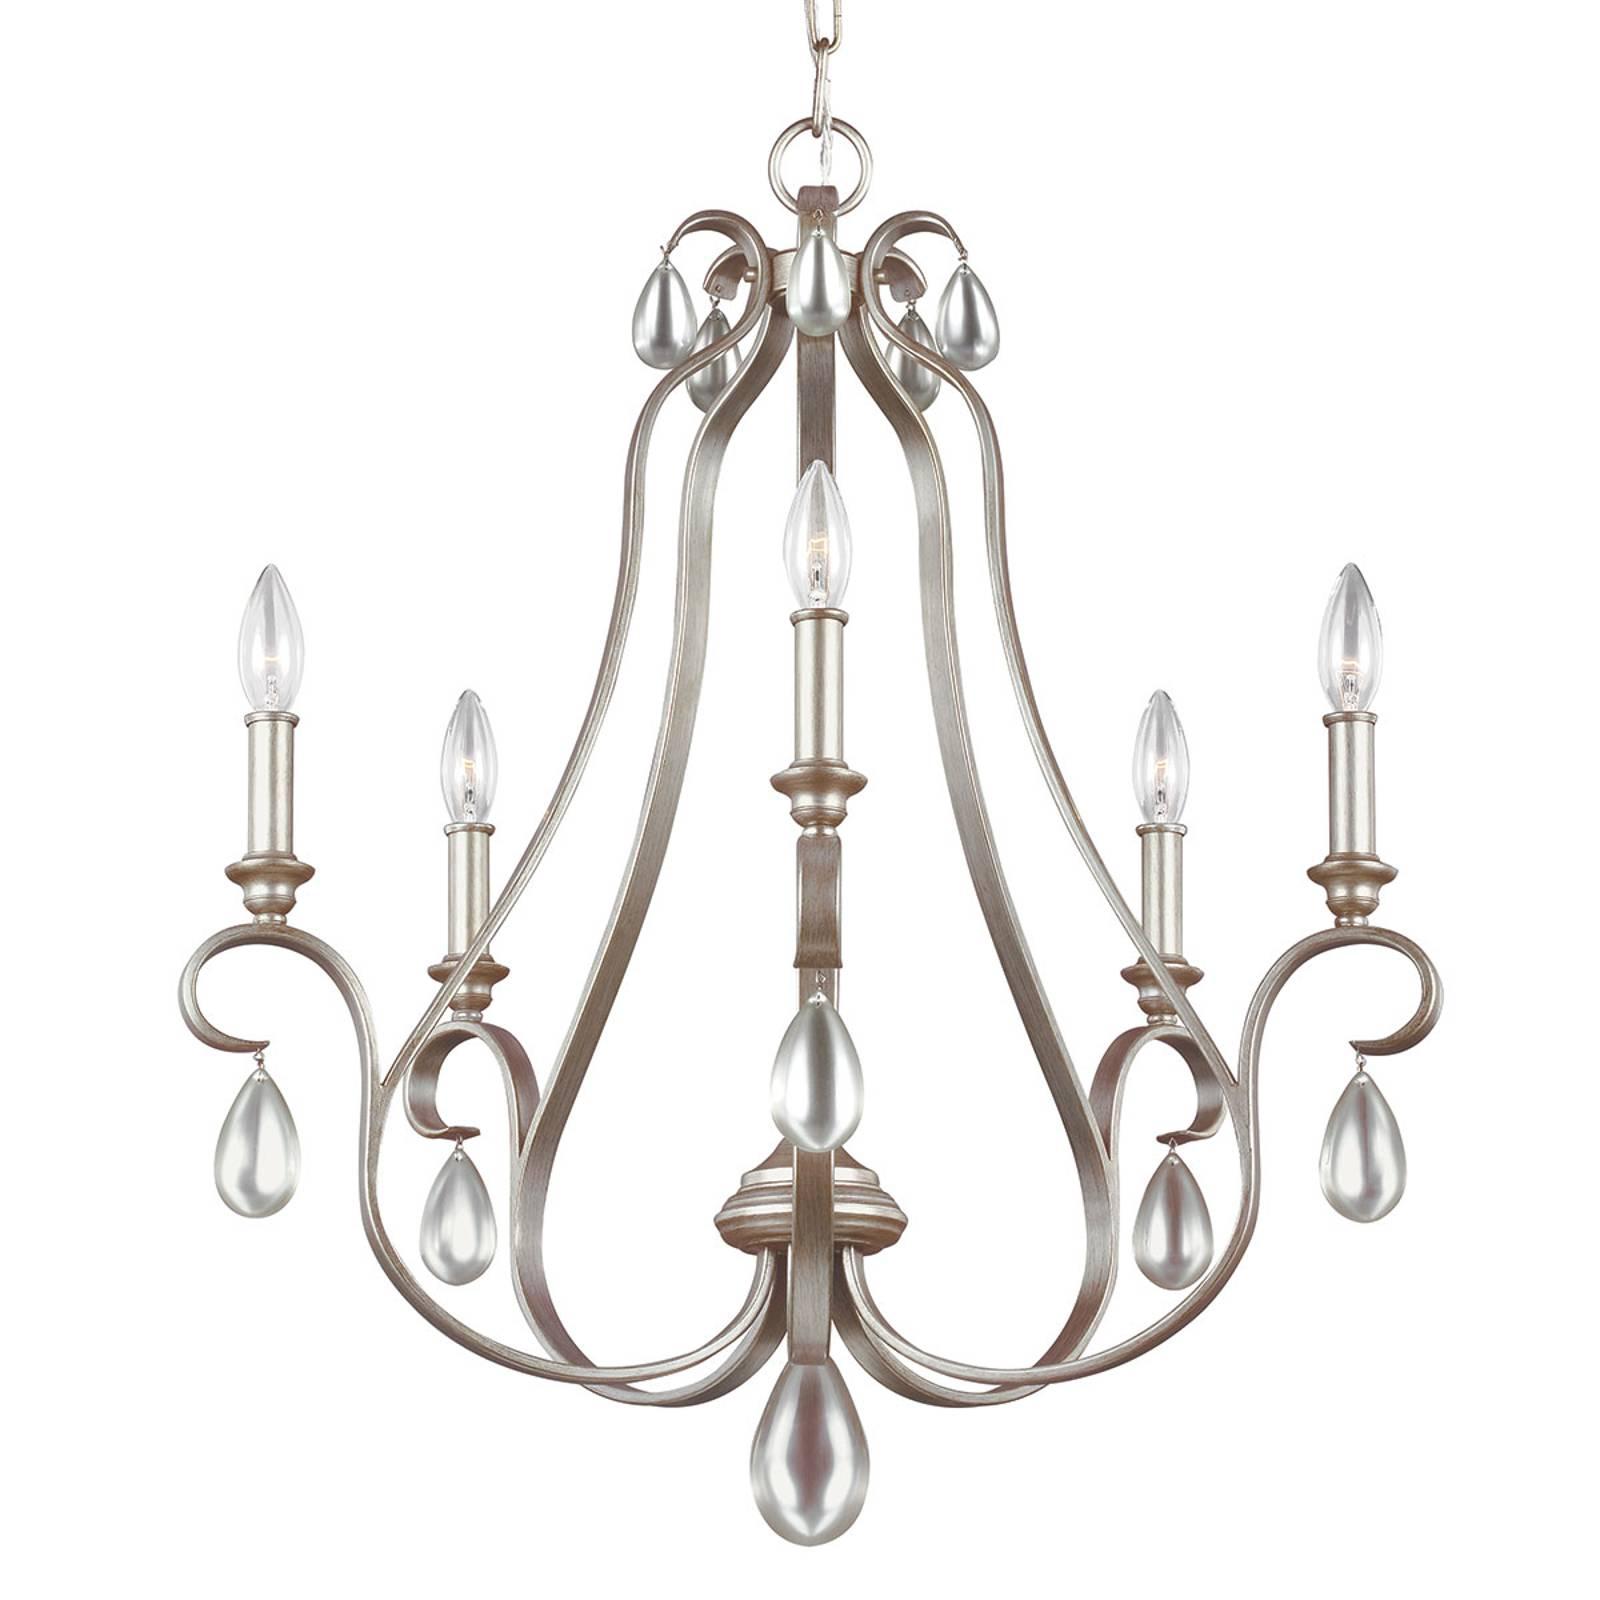 Kroonluchter Dewitt 5-lamps met zilveren afwerking